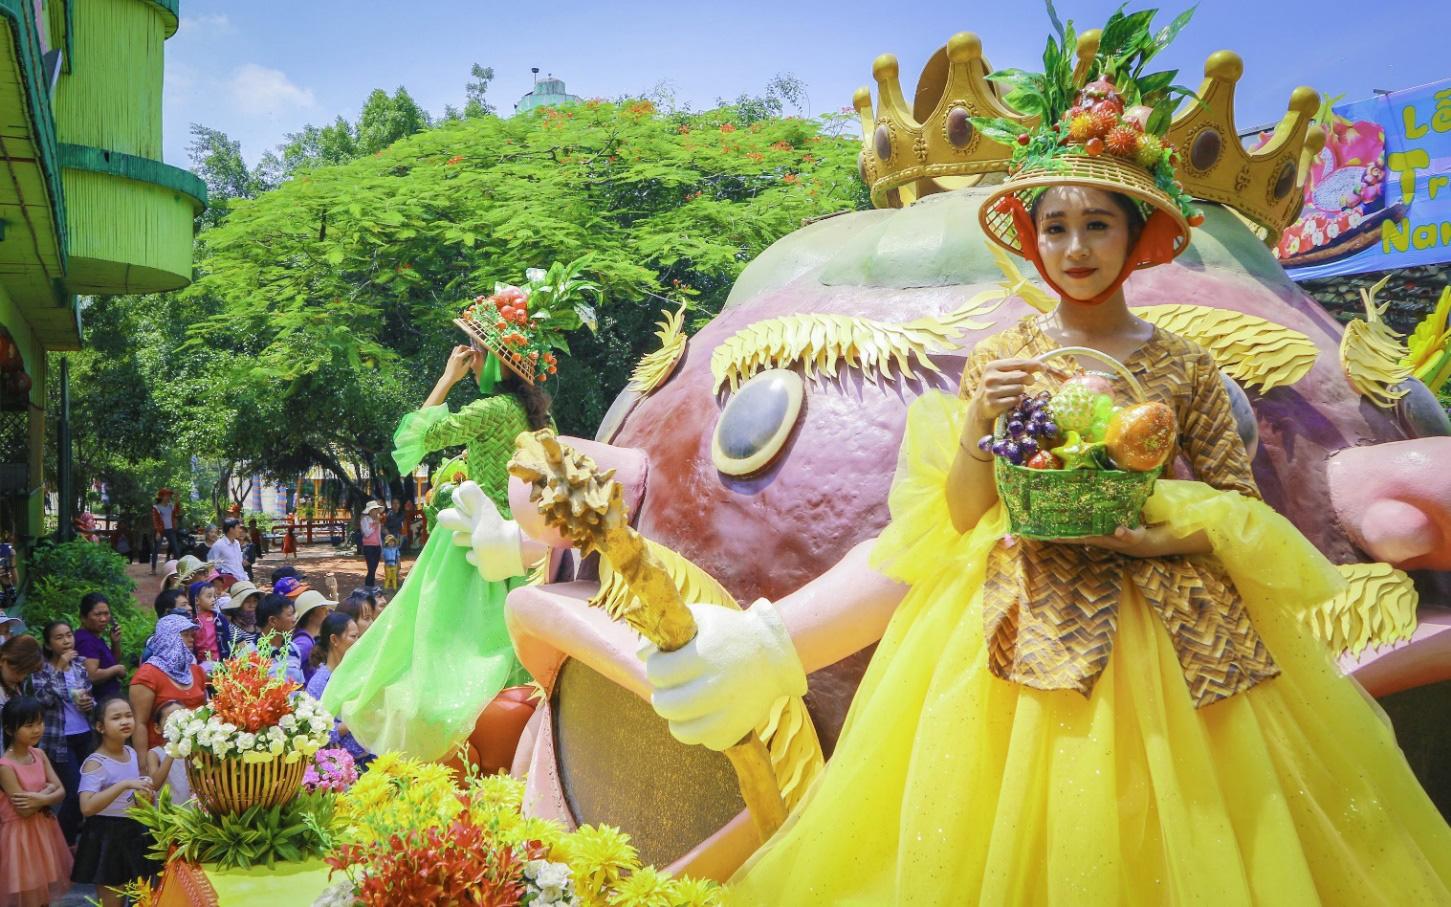 Khám phá lễ hội Bonsai & Suiseki Châu Á - Thái Bình Dương tại Suối Tiên - Ảnh 8.